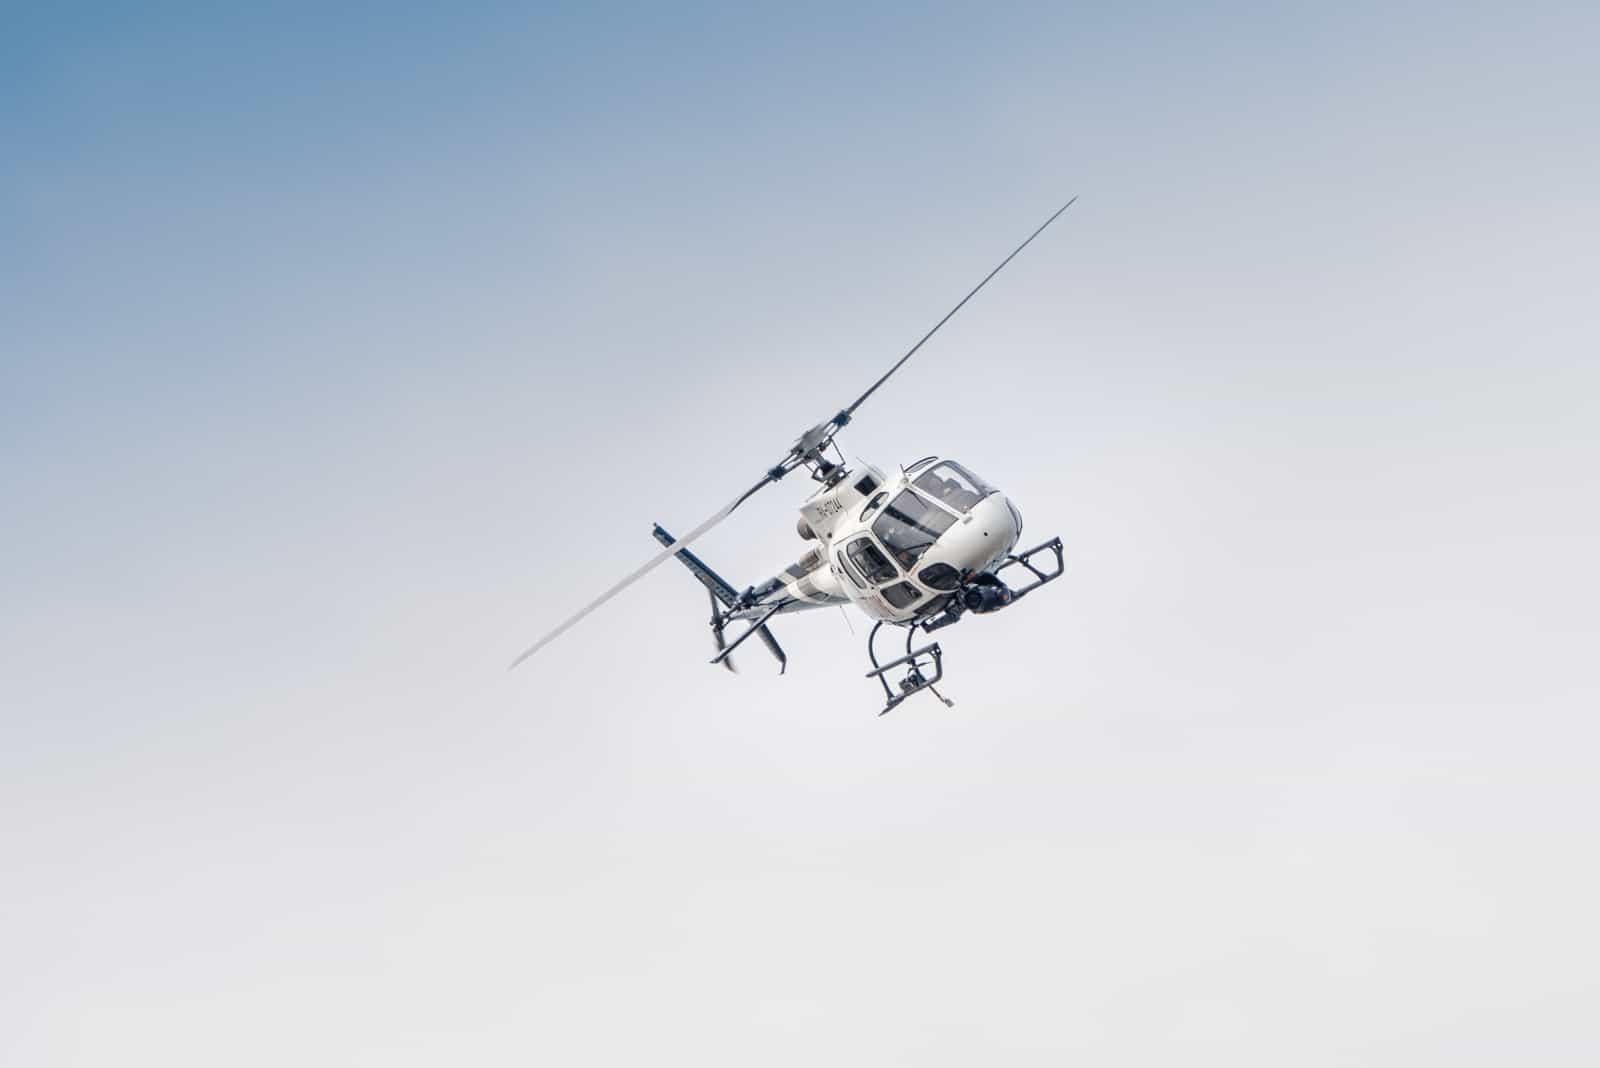 weißer Hubschrauber im Flug